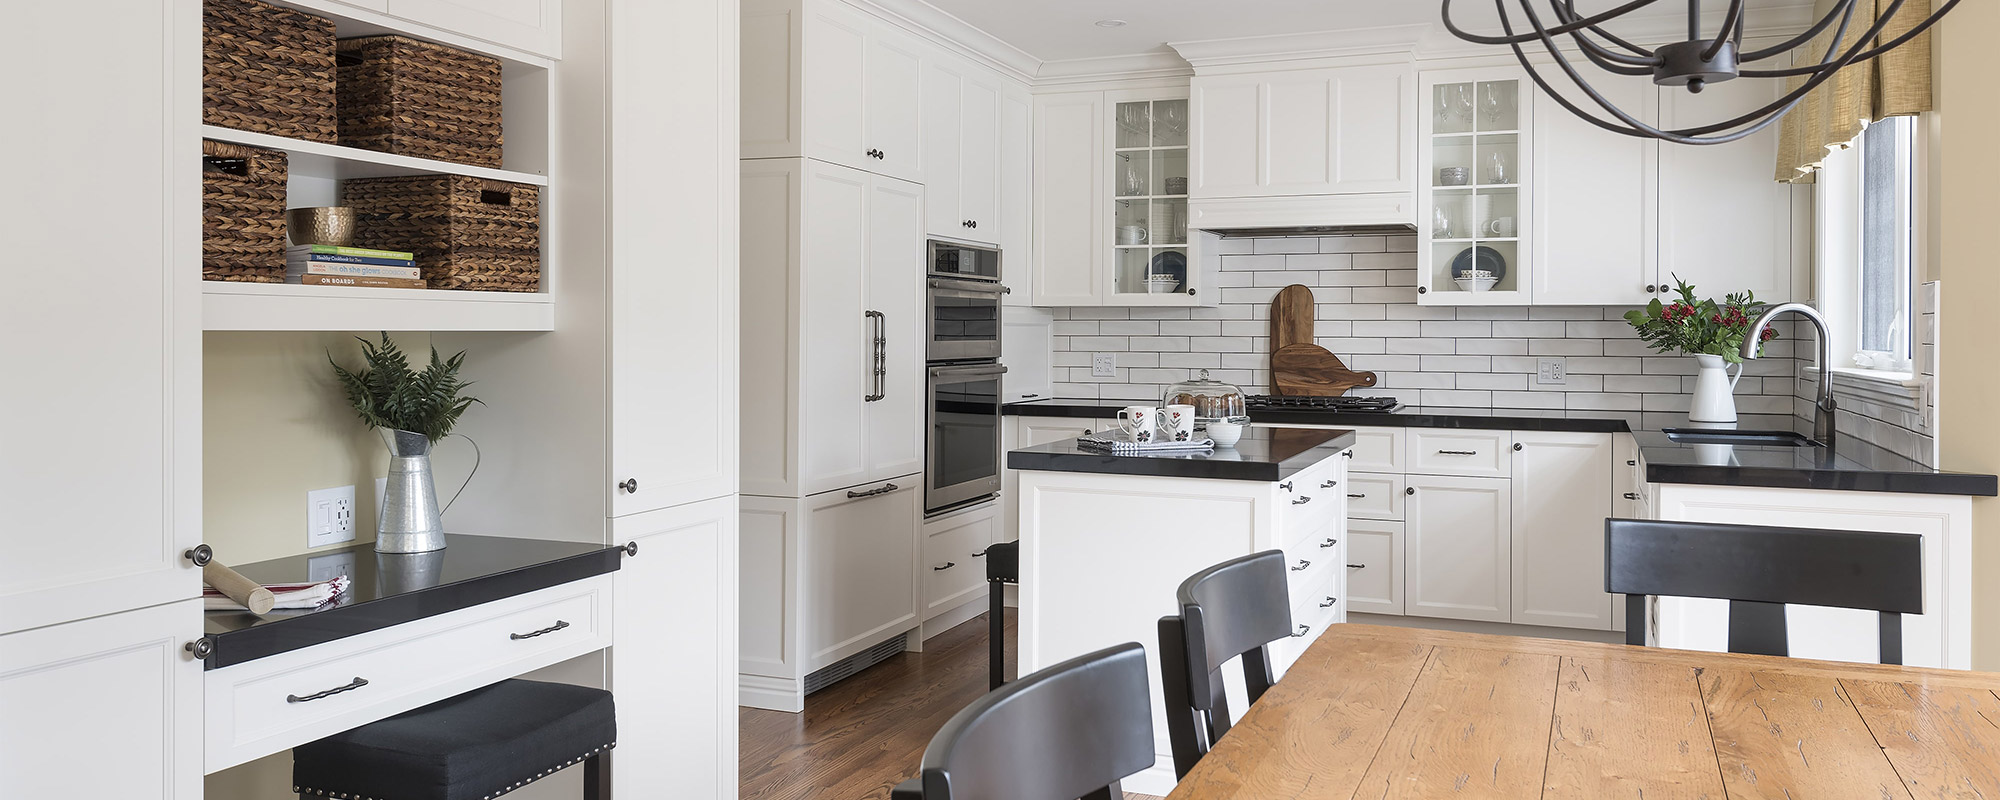 Sheenan Court Kitchen Renovation